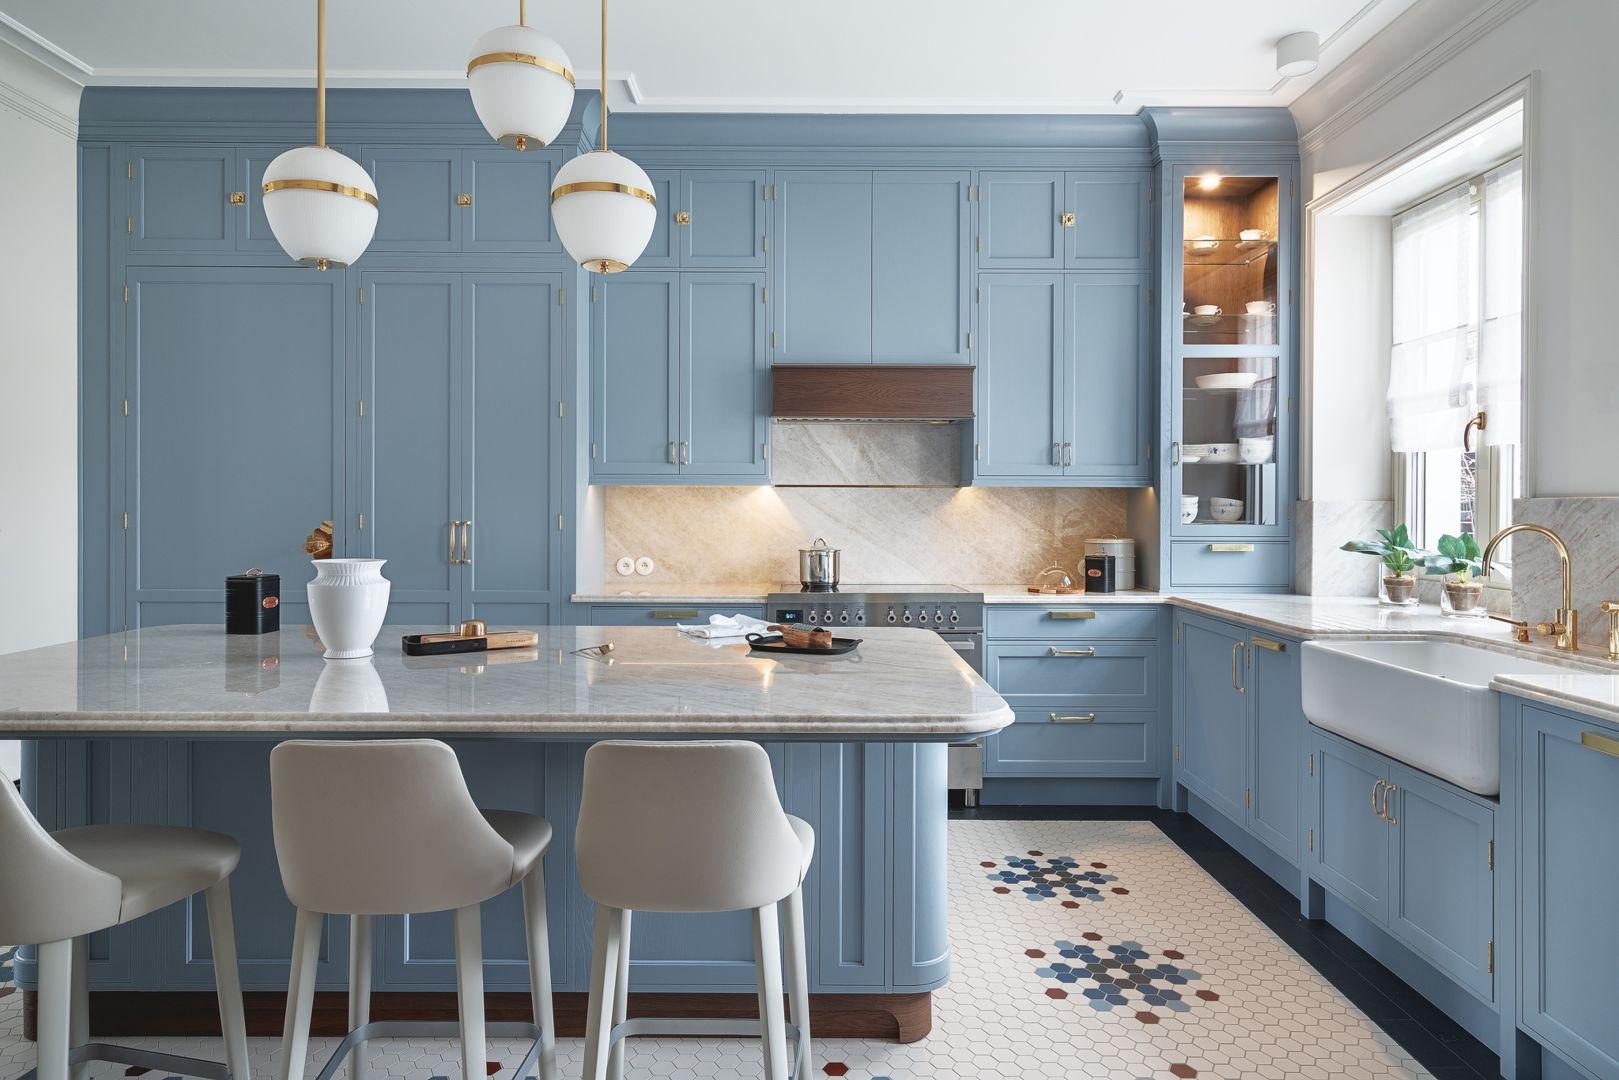 Kuchnia klasyczna w modnym niebieskim kolorze. Projekt JT Group. Fot. Tom Kurek